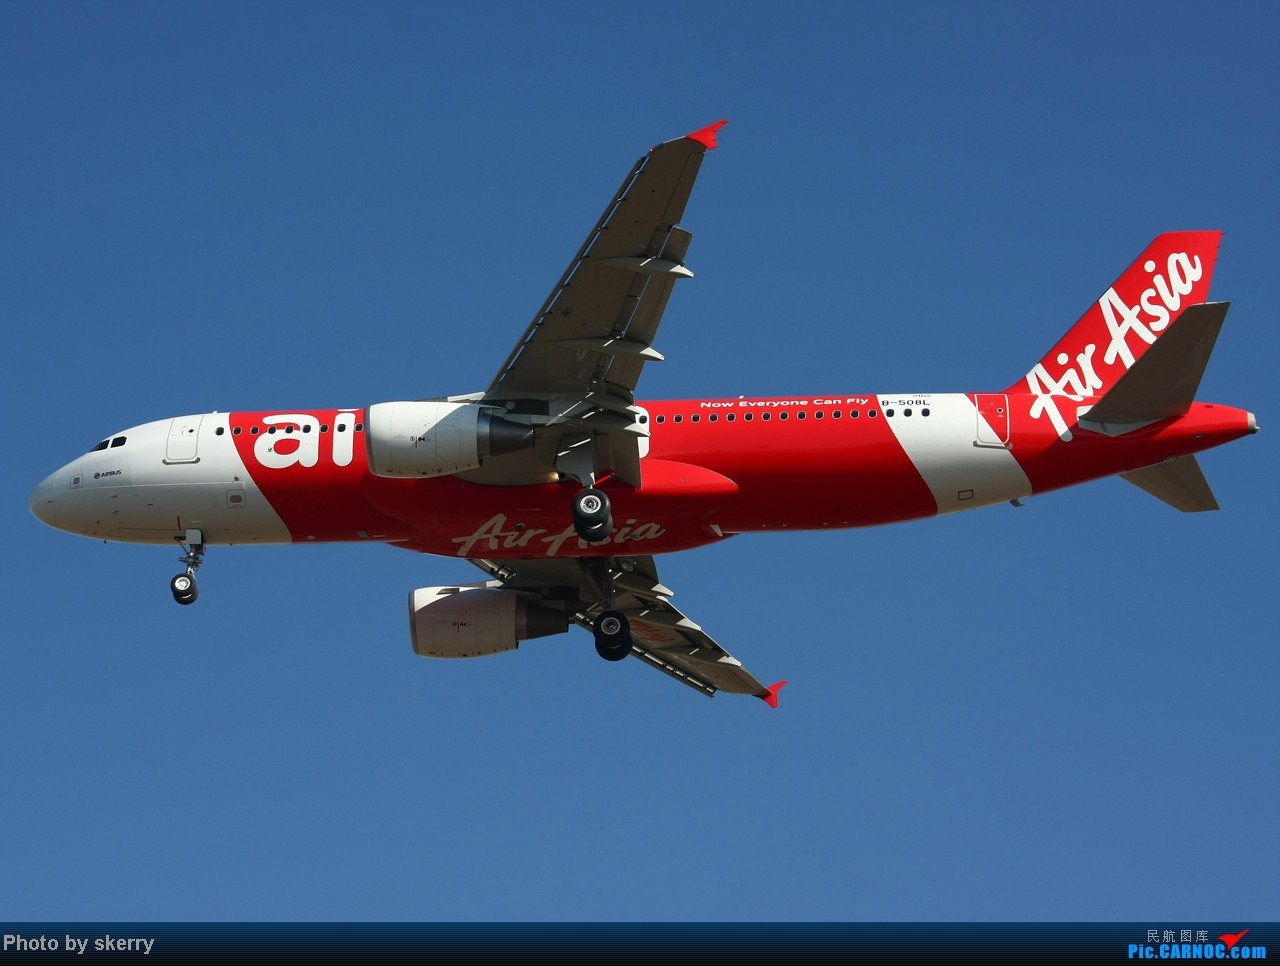 亚洲�9b�9l#�+_飞机 机型: airbus a320-200 注册号: b-508l 所属公司: 亚洲航空